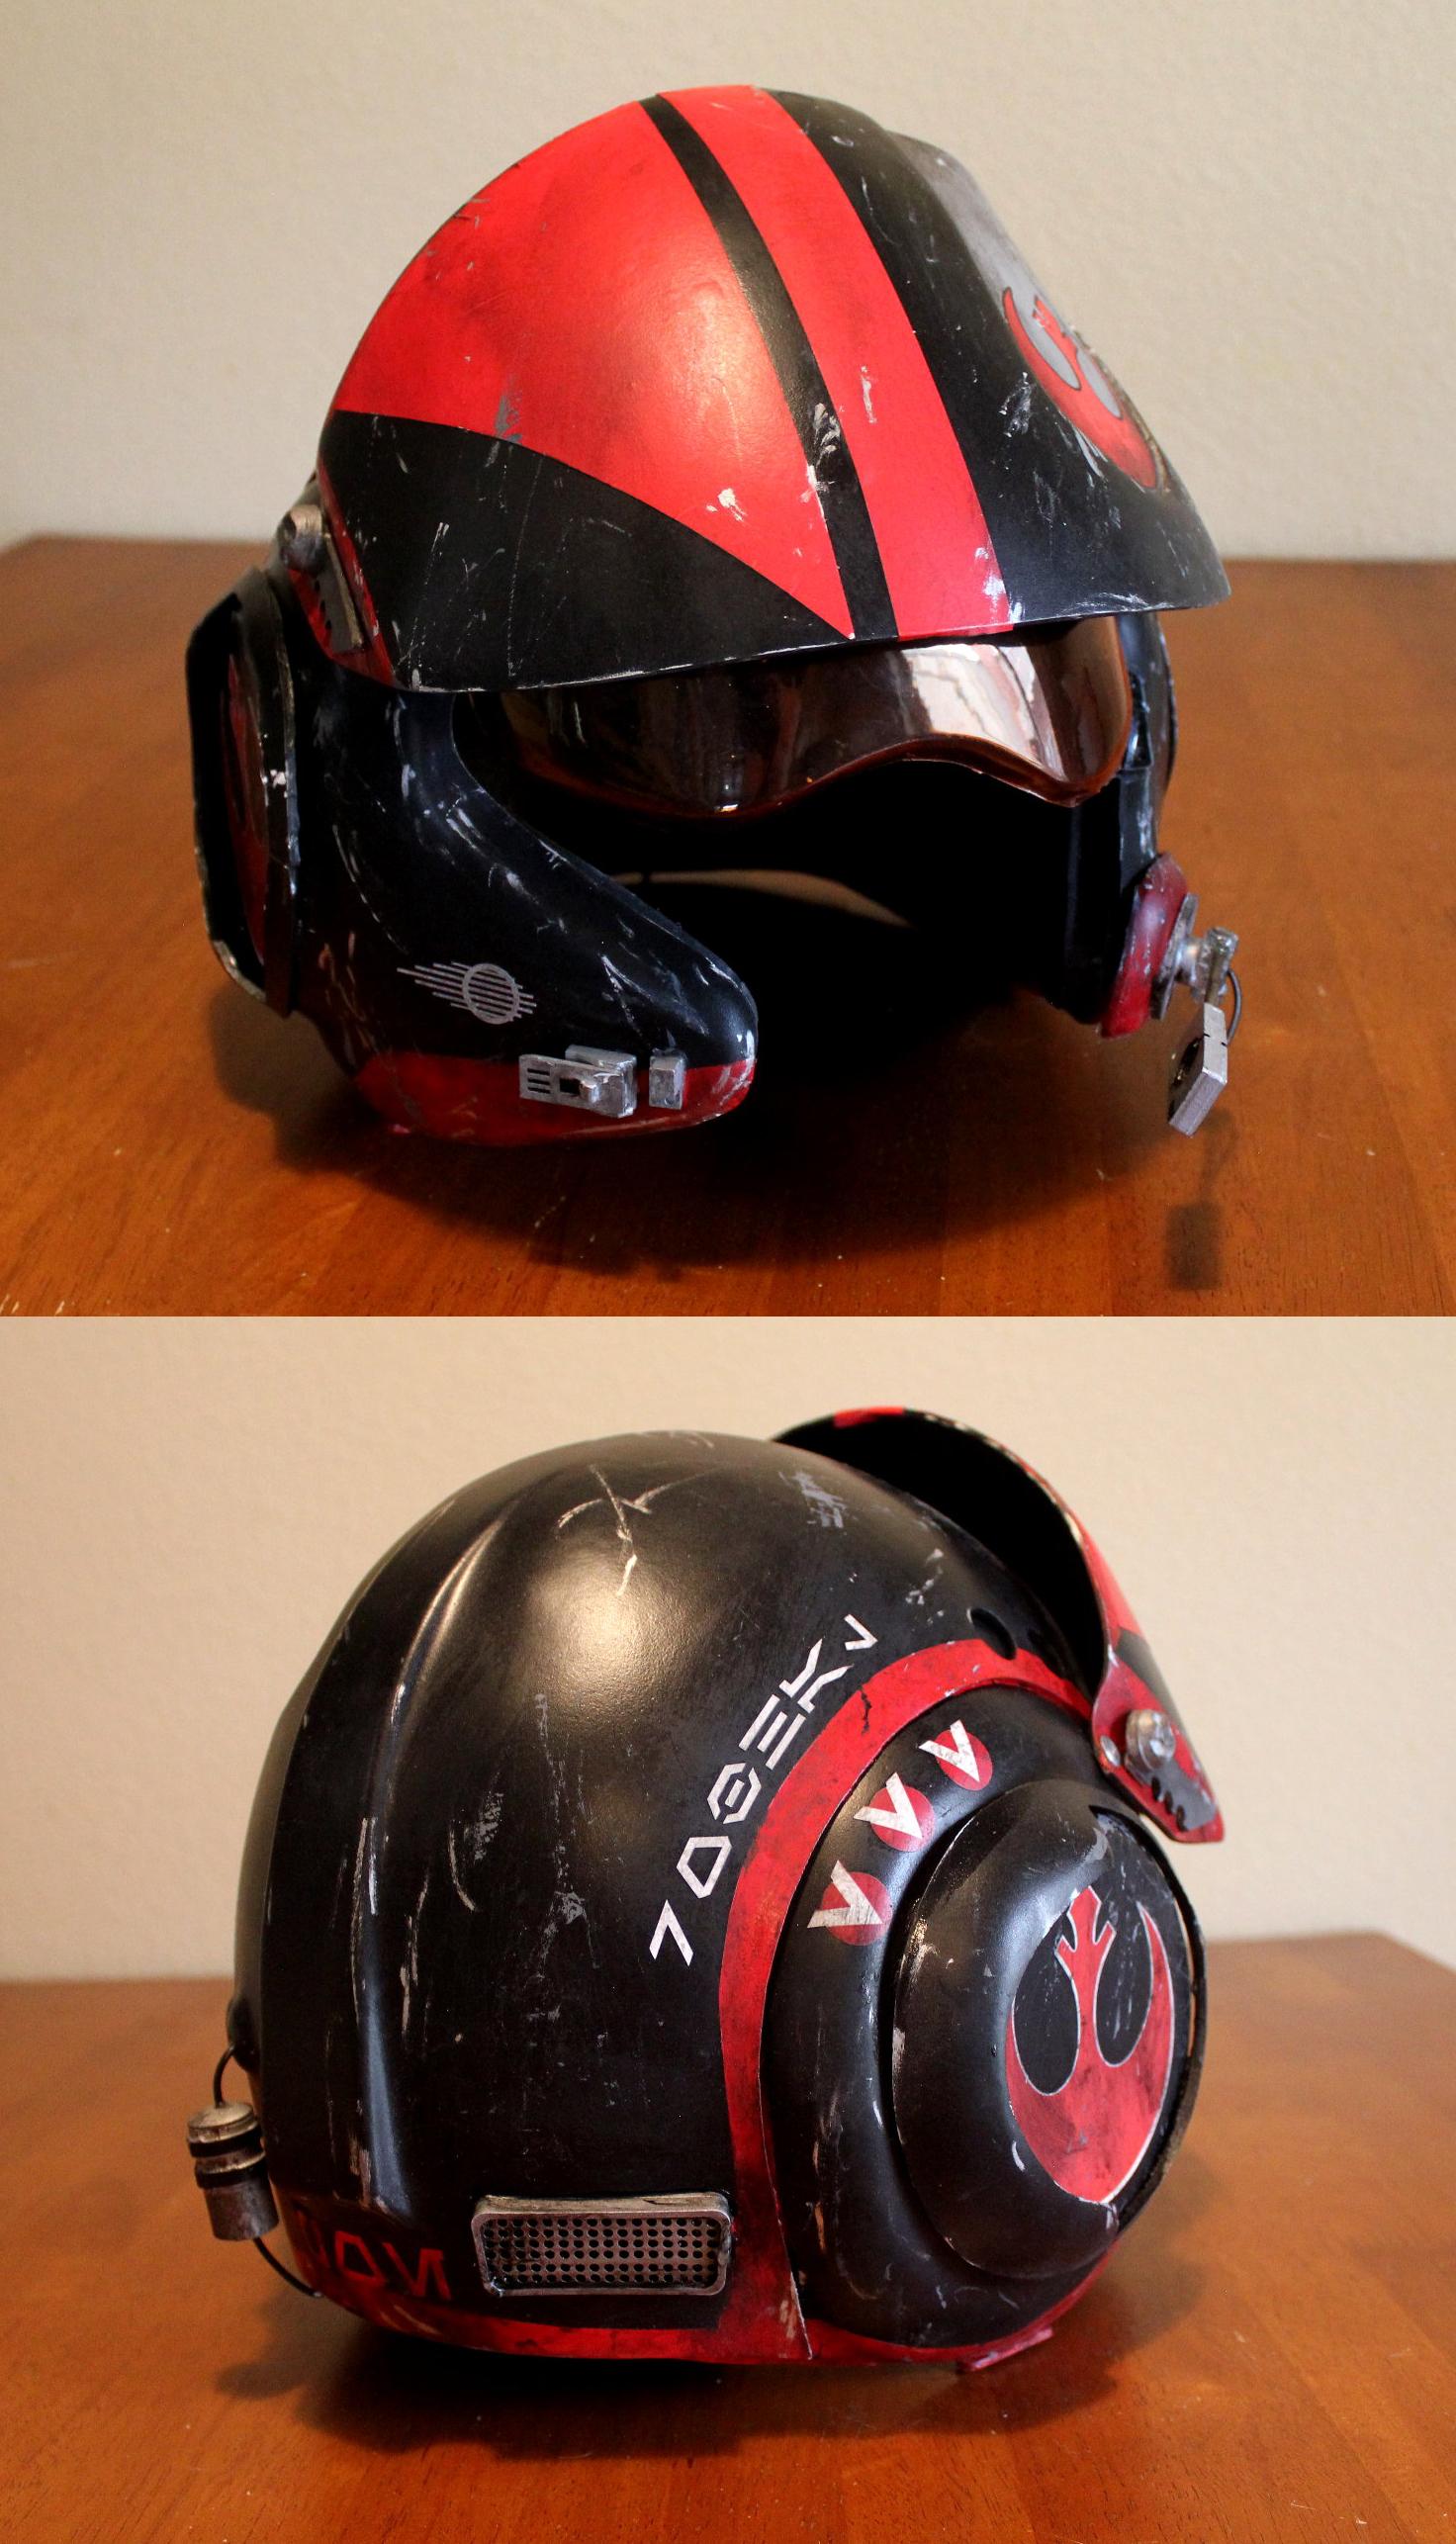 Episode 7 X Wing Pilot Helmet Episode 7 Pilot Helmet